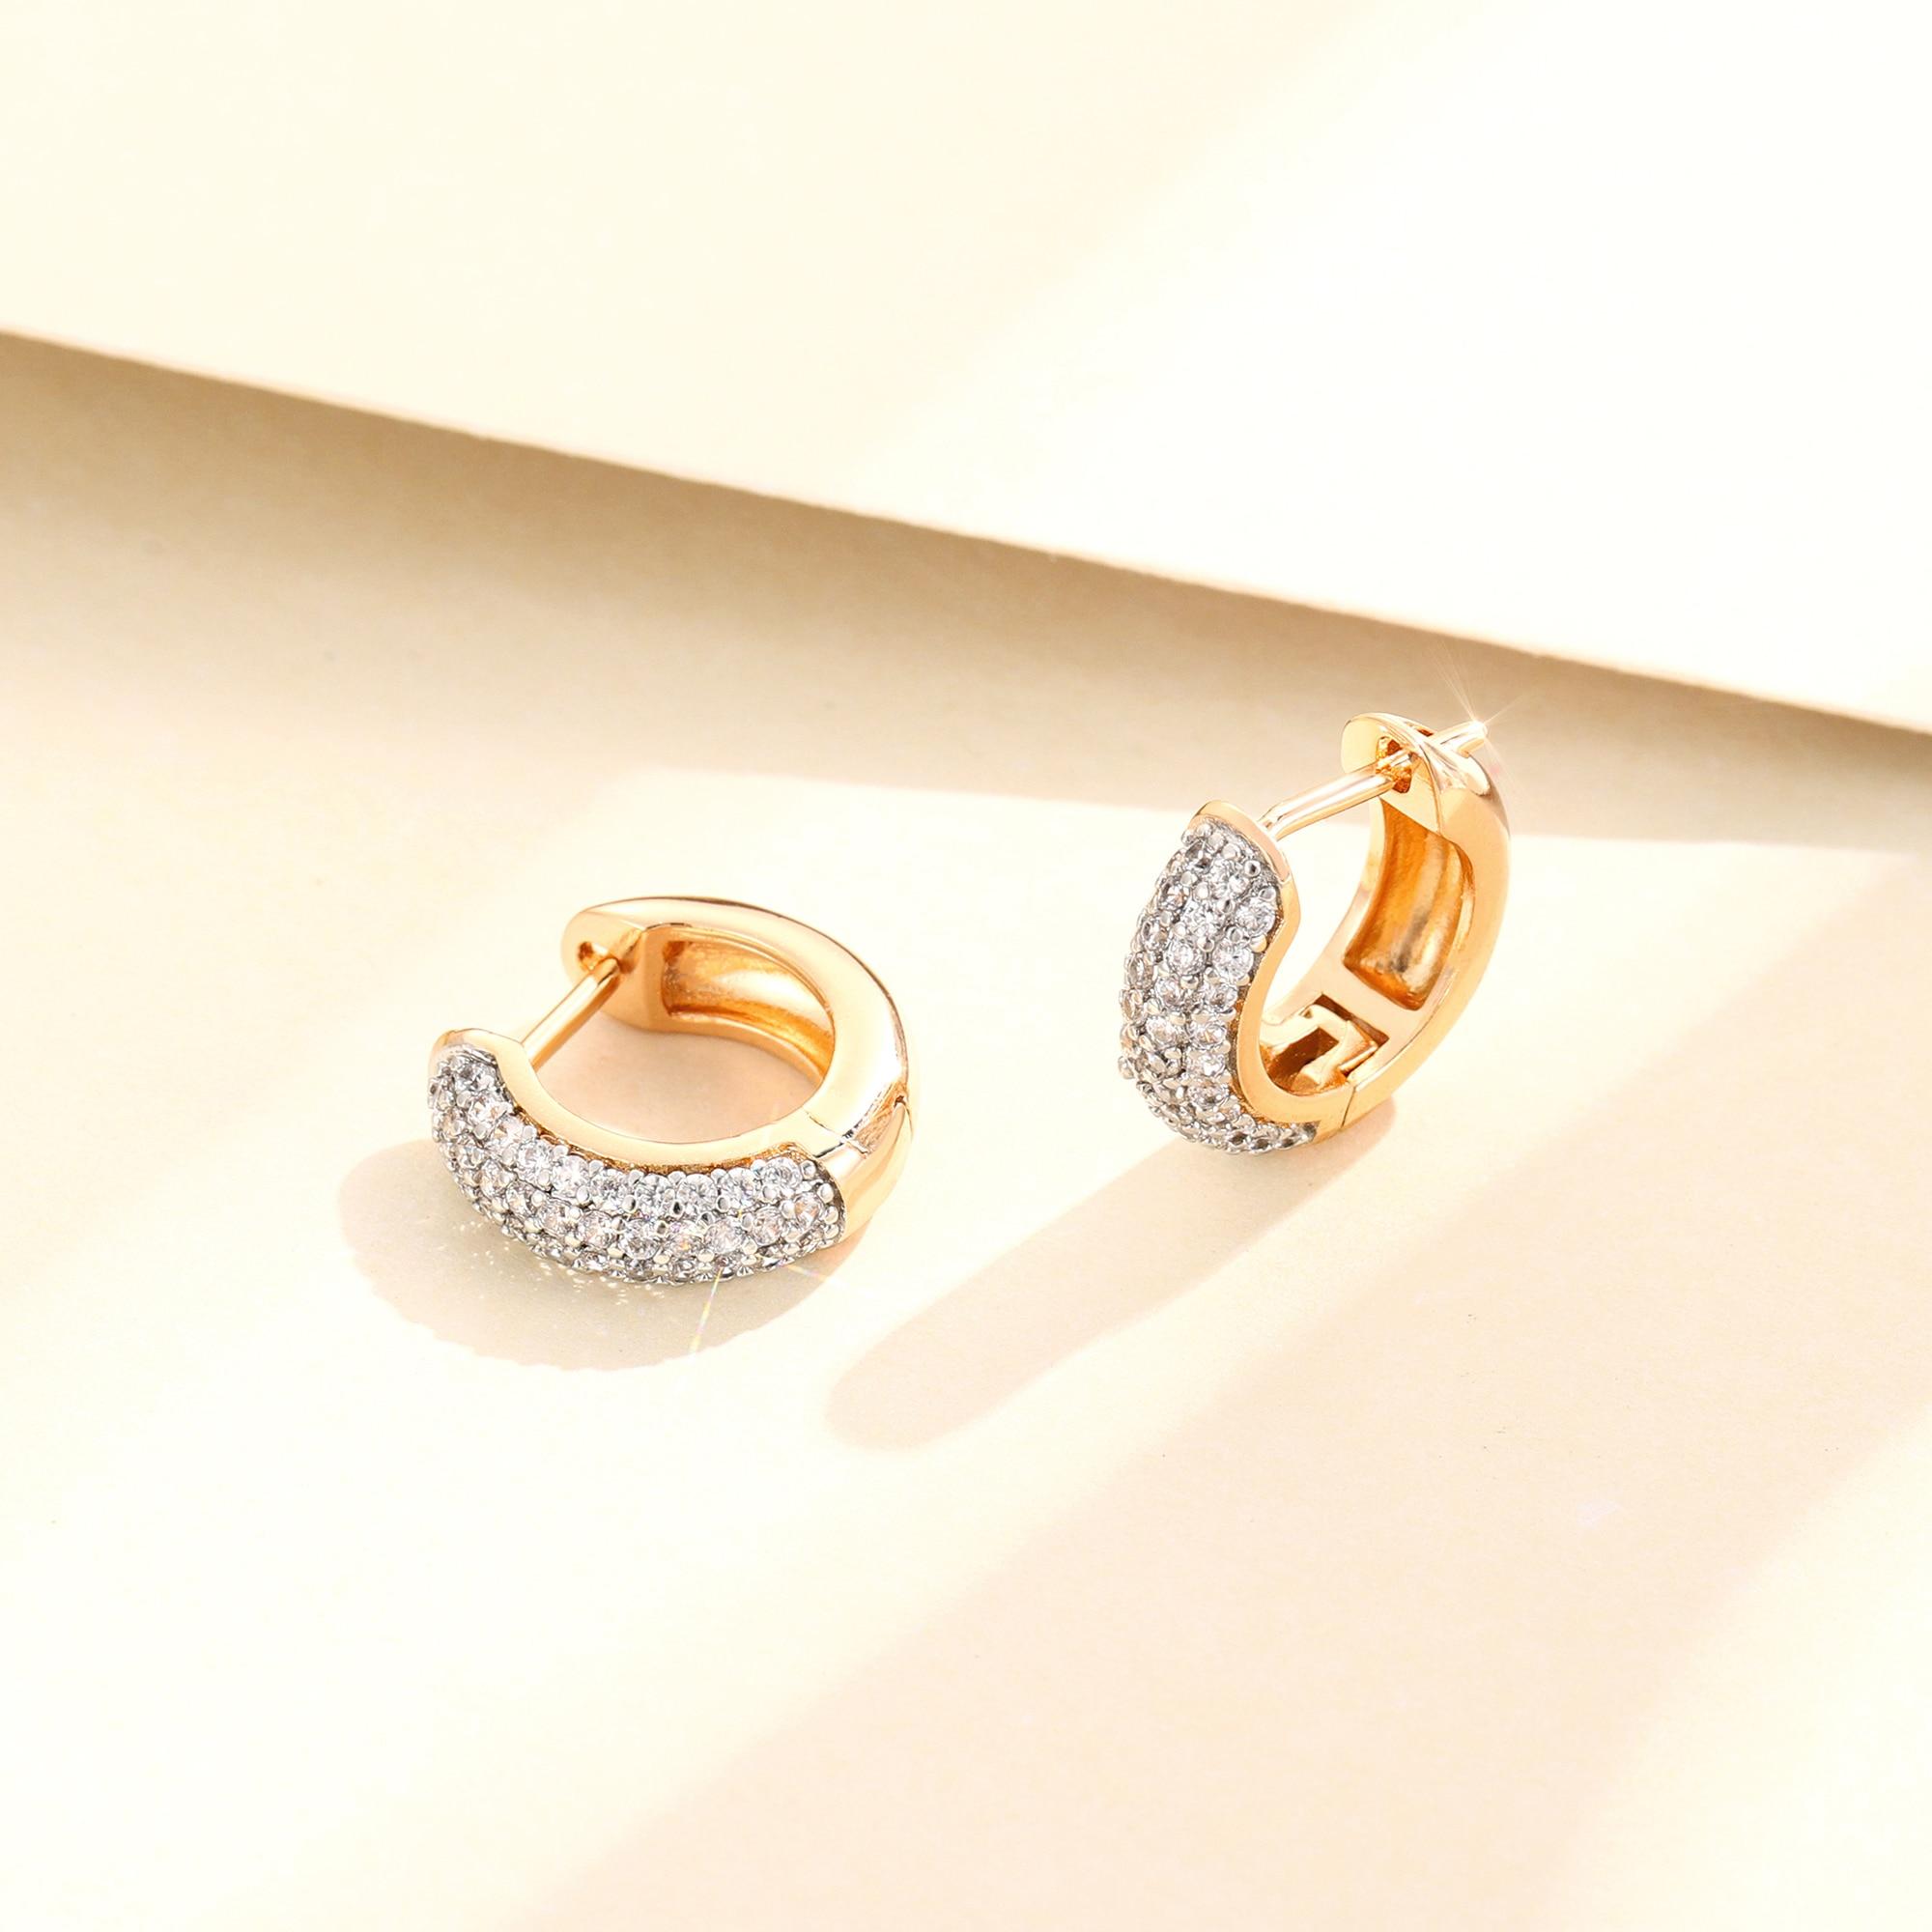 Модный стиль золотой цвет кубические серьги-кольца с цирконом женские ювелирные кольца для женщин, роскошные вечерние свадебные Любовь Под...